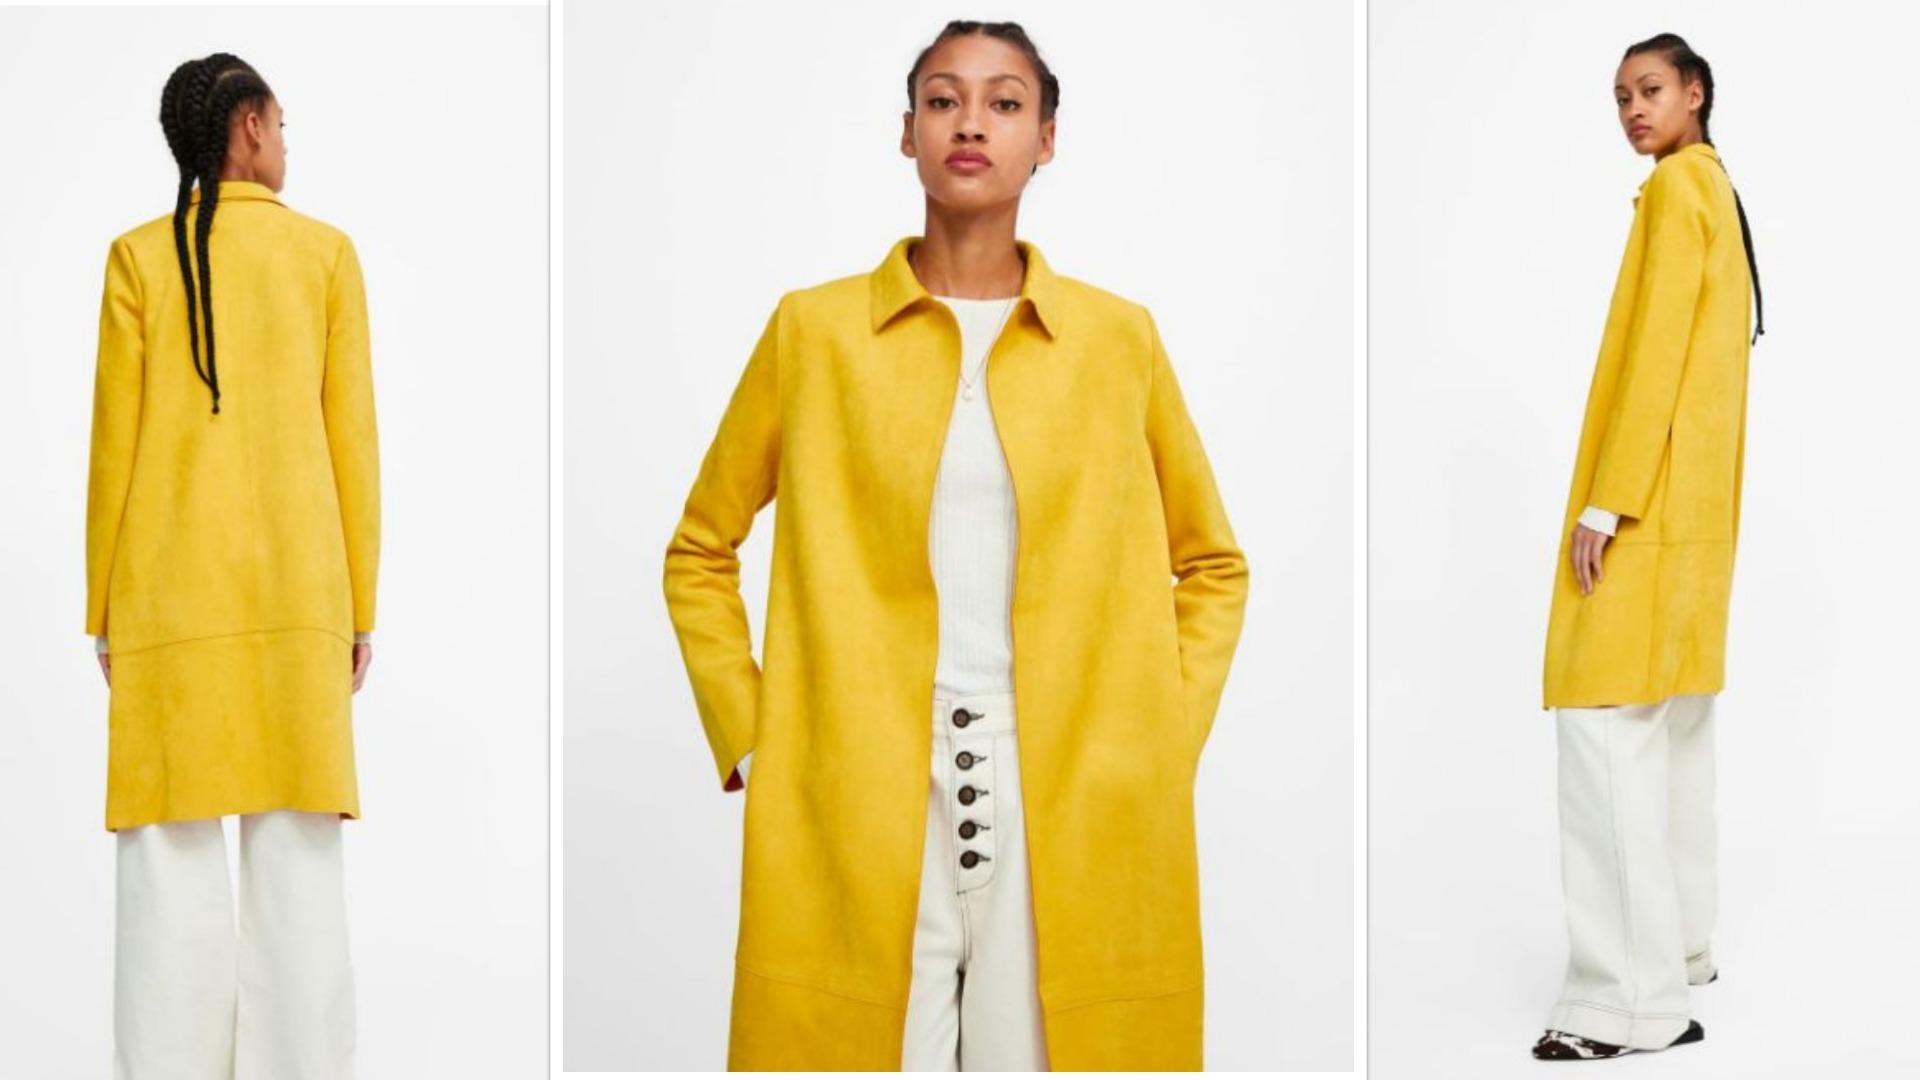 e8dfb699c Cómo reinventar tu look con un abrigo oversize amarillo | Para Ti